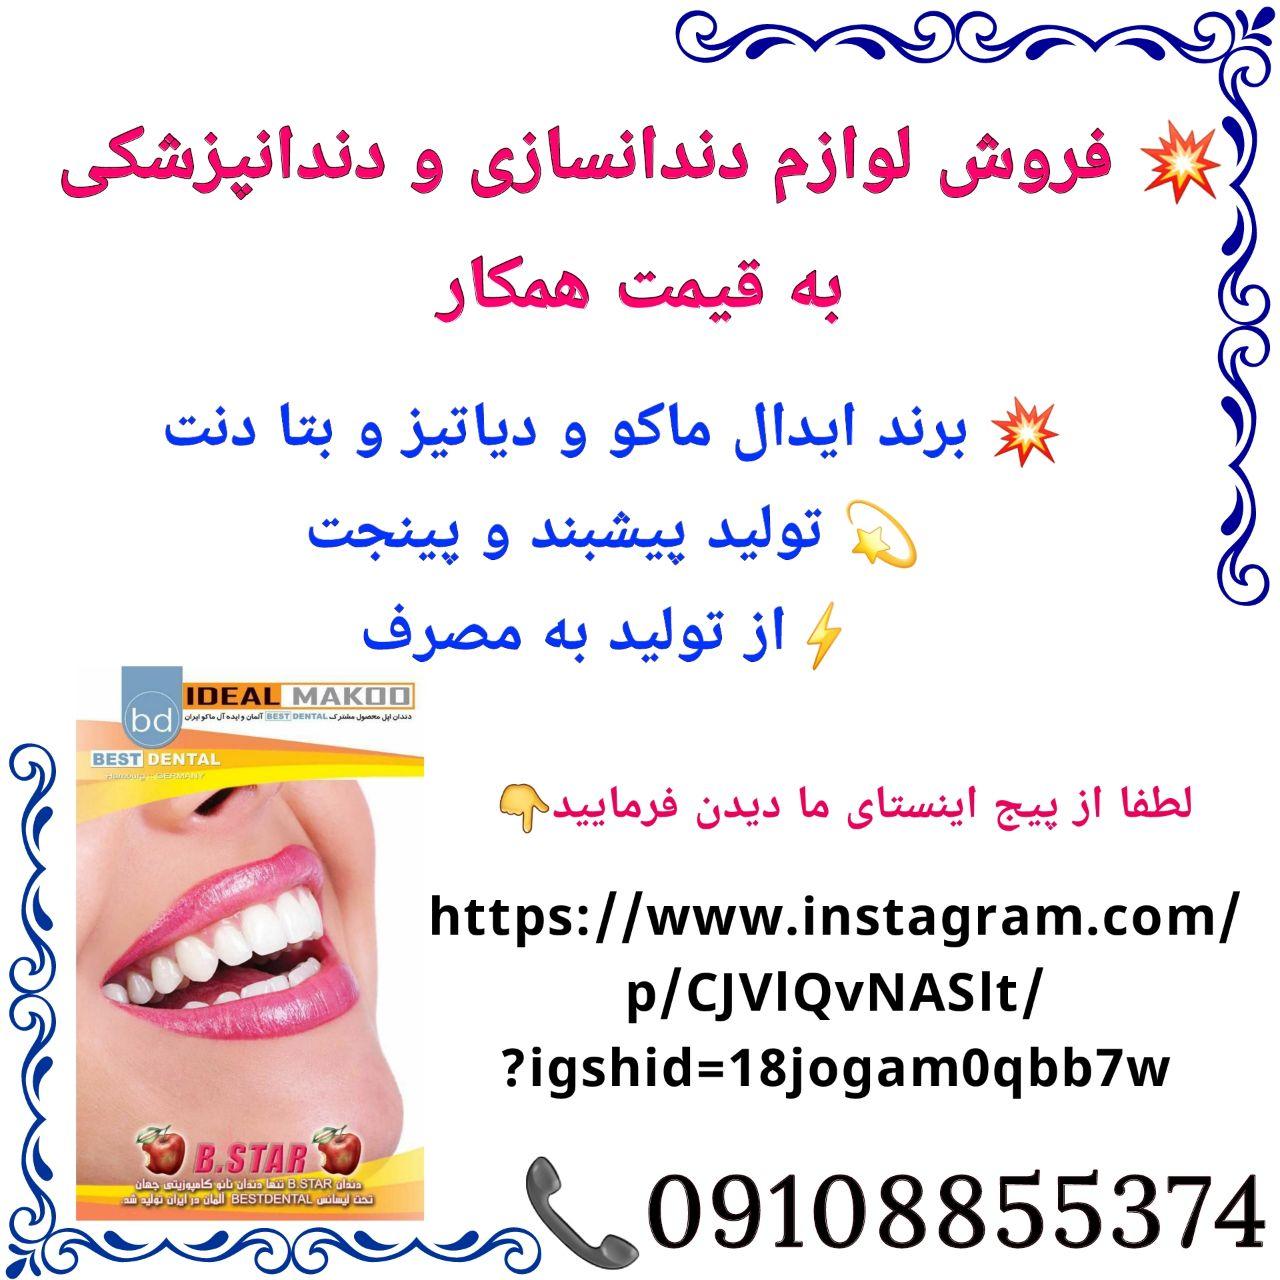 تهران: فروش لوازم دندانسازی و دندانپزشکی به قیمت همکار